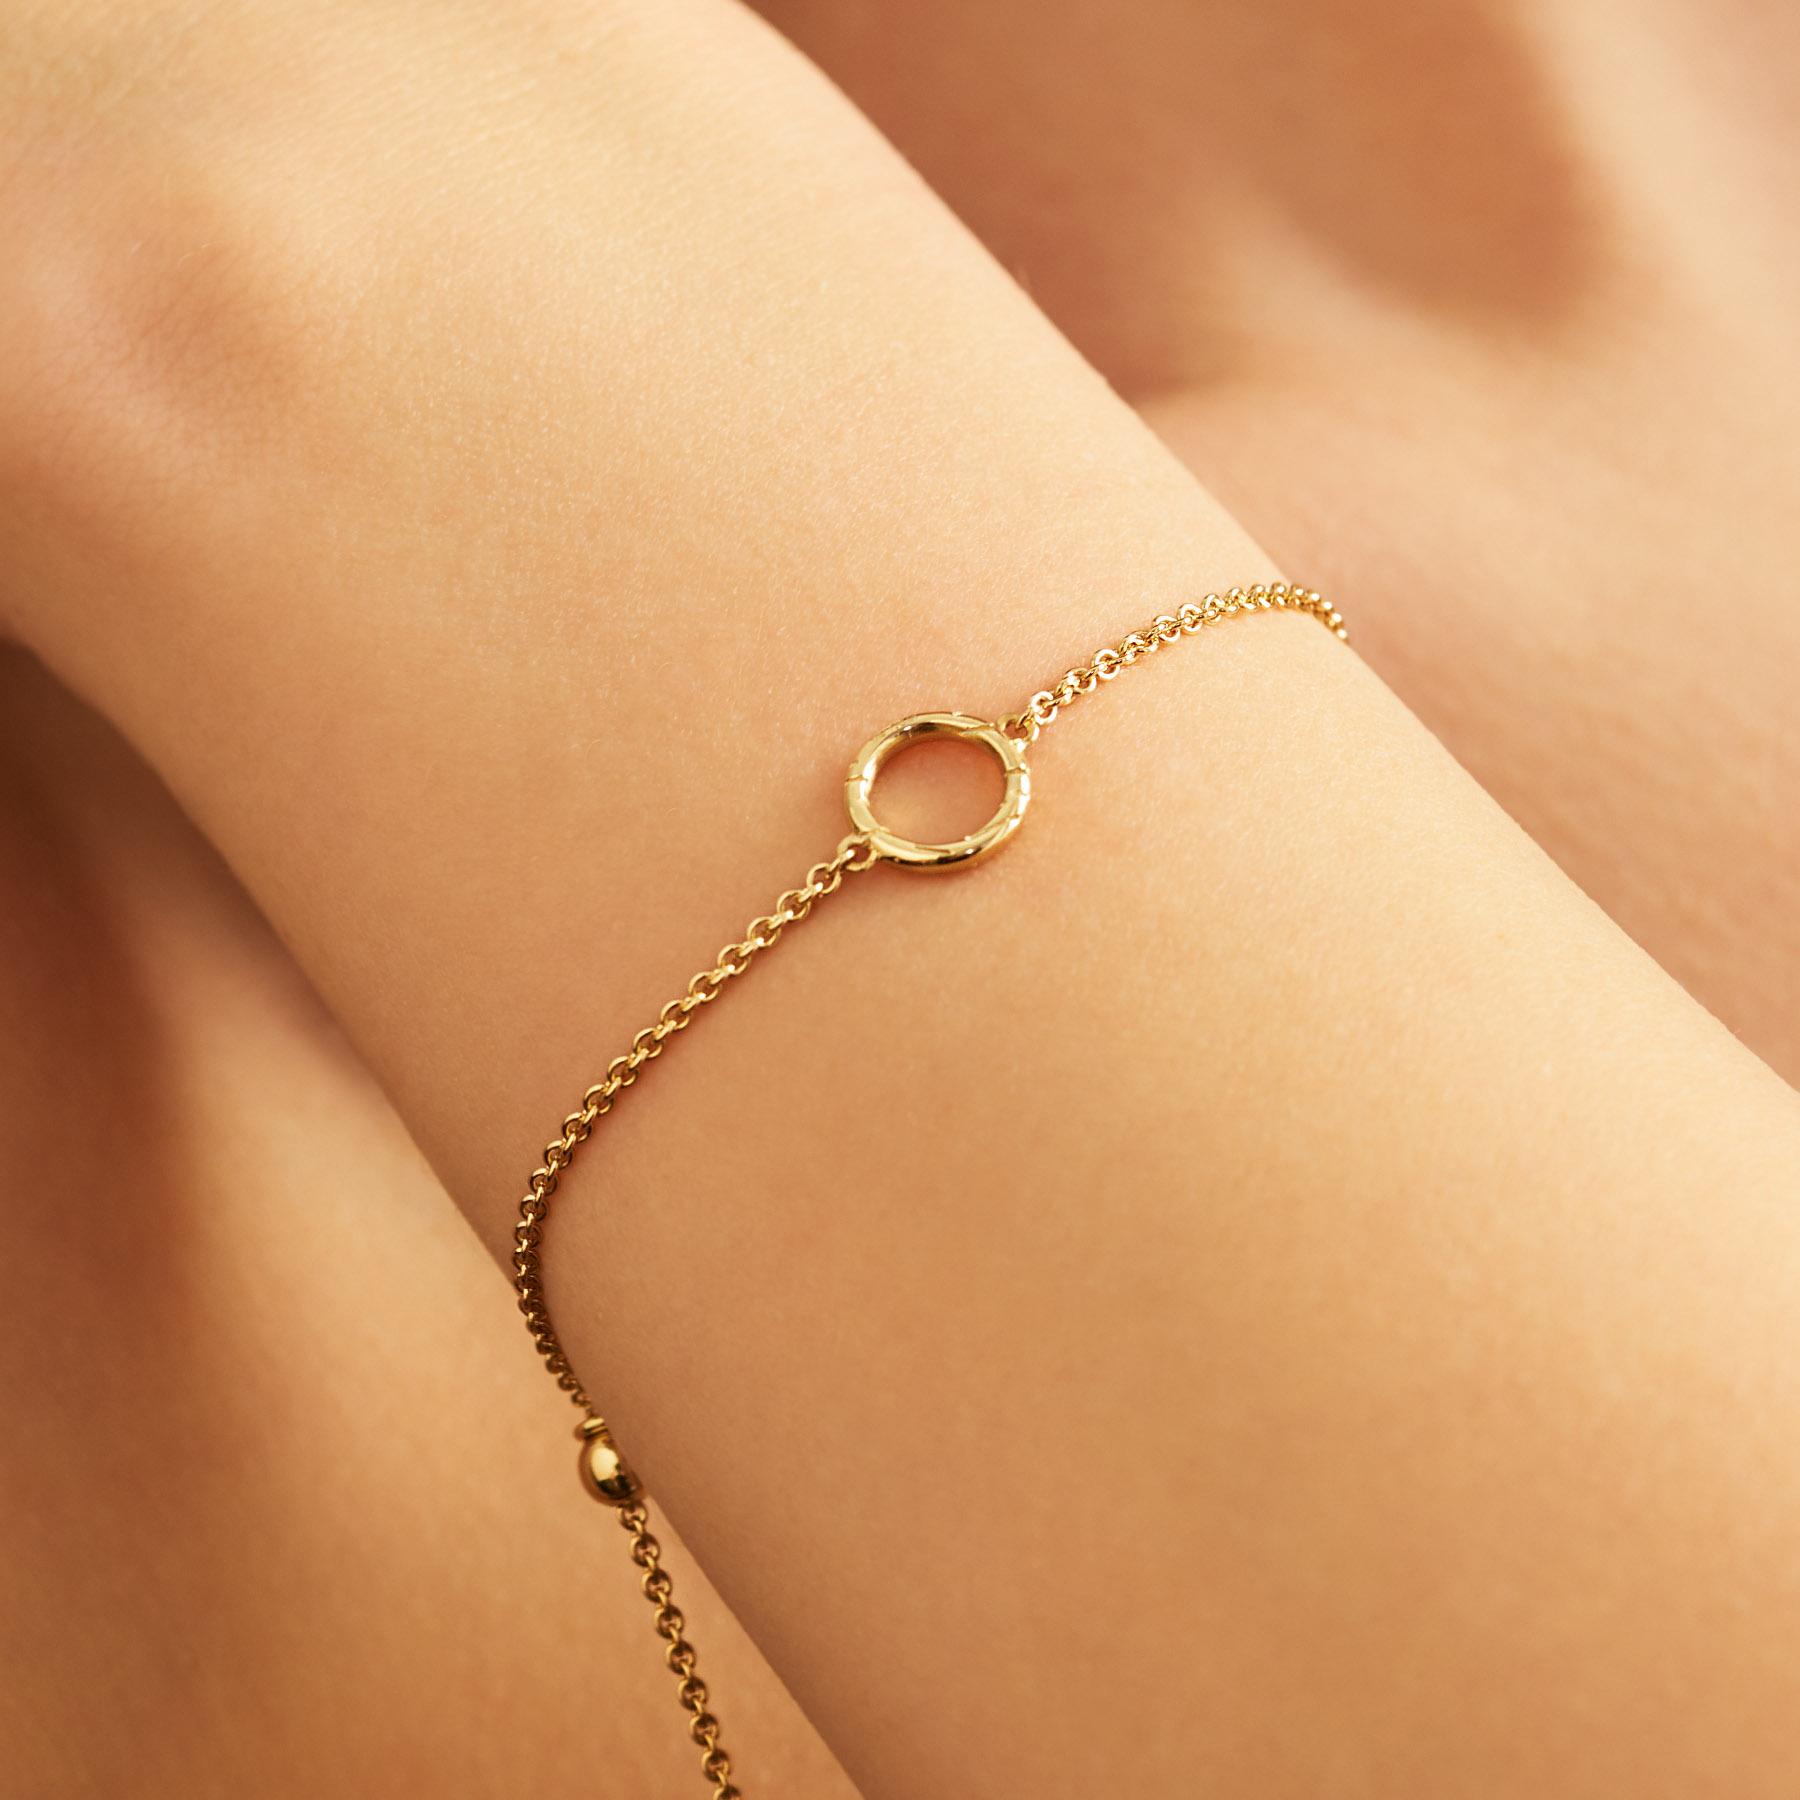 open-cricle-fur-bracelet-FC10-wrist.jpg